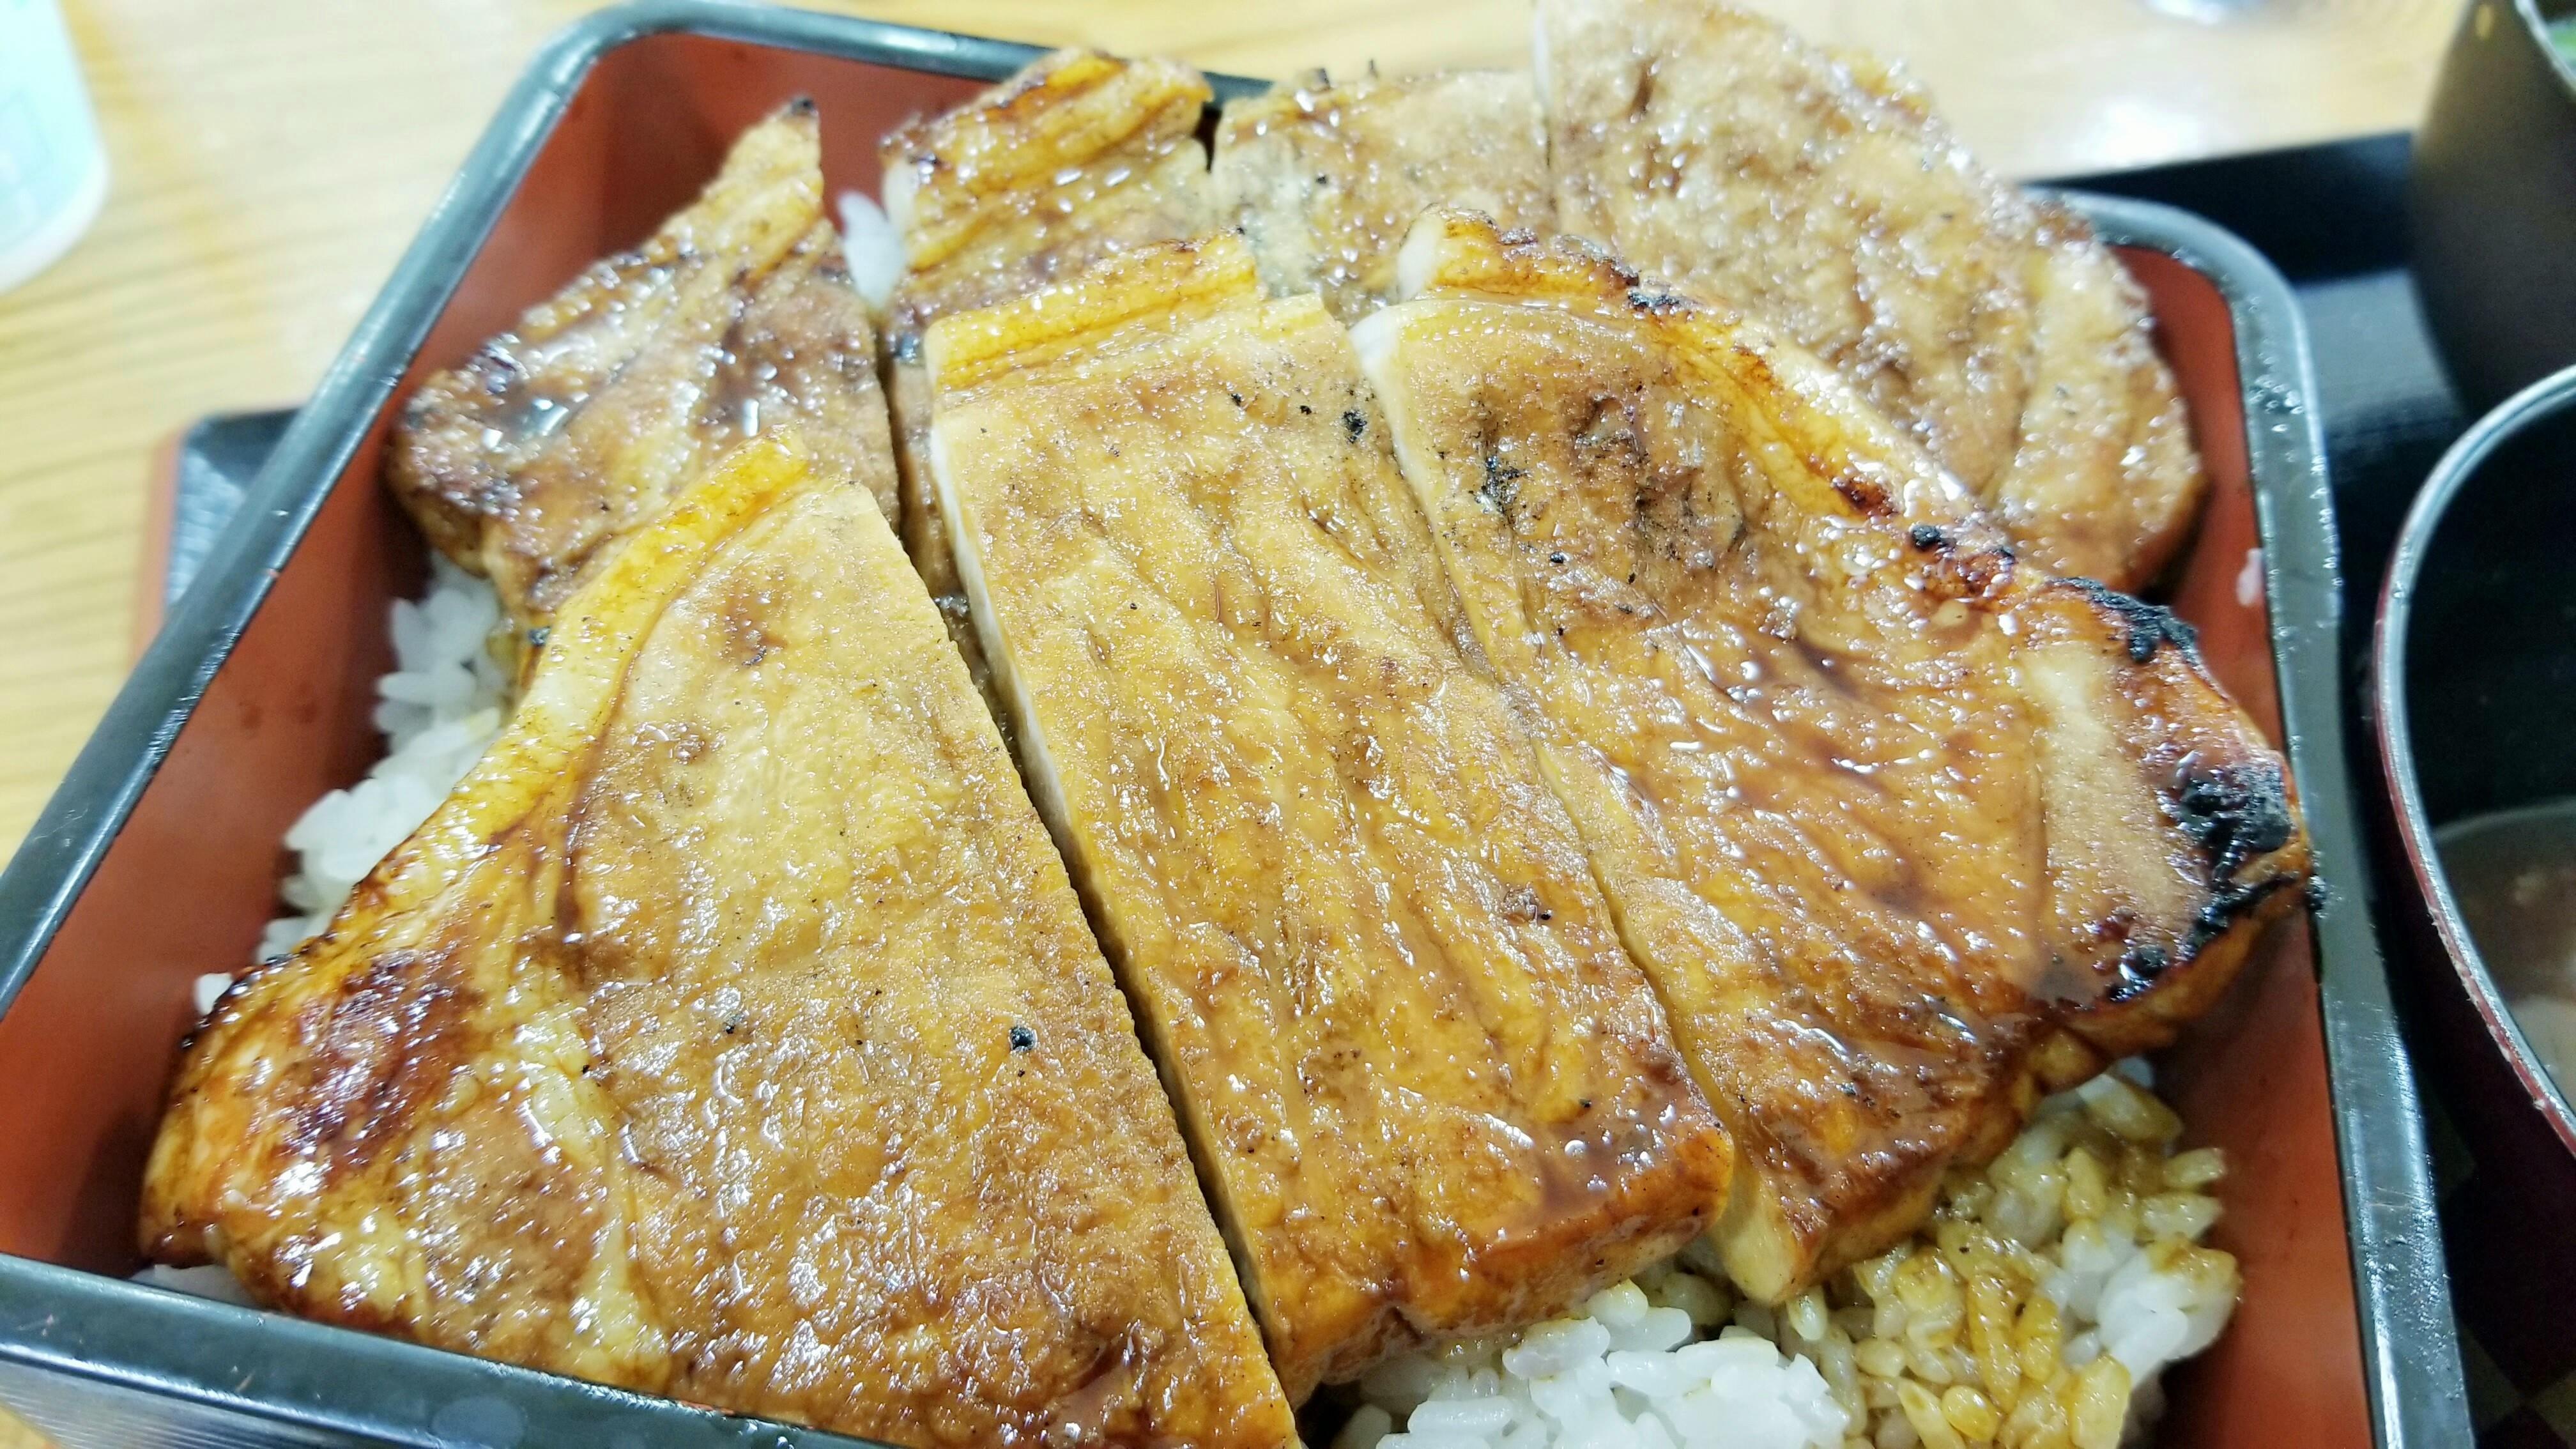 おいしいおすすめの店ぶたかば焼き照り焼きボリューム満点昼ご飯